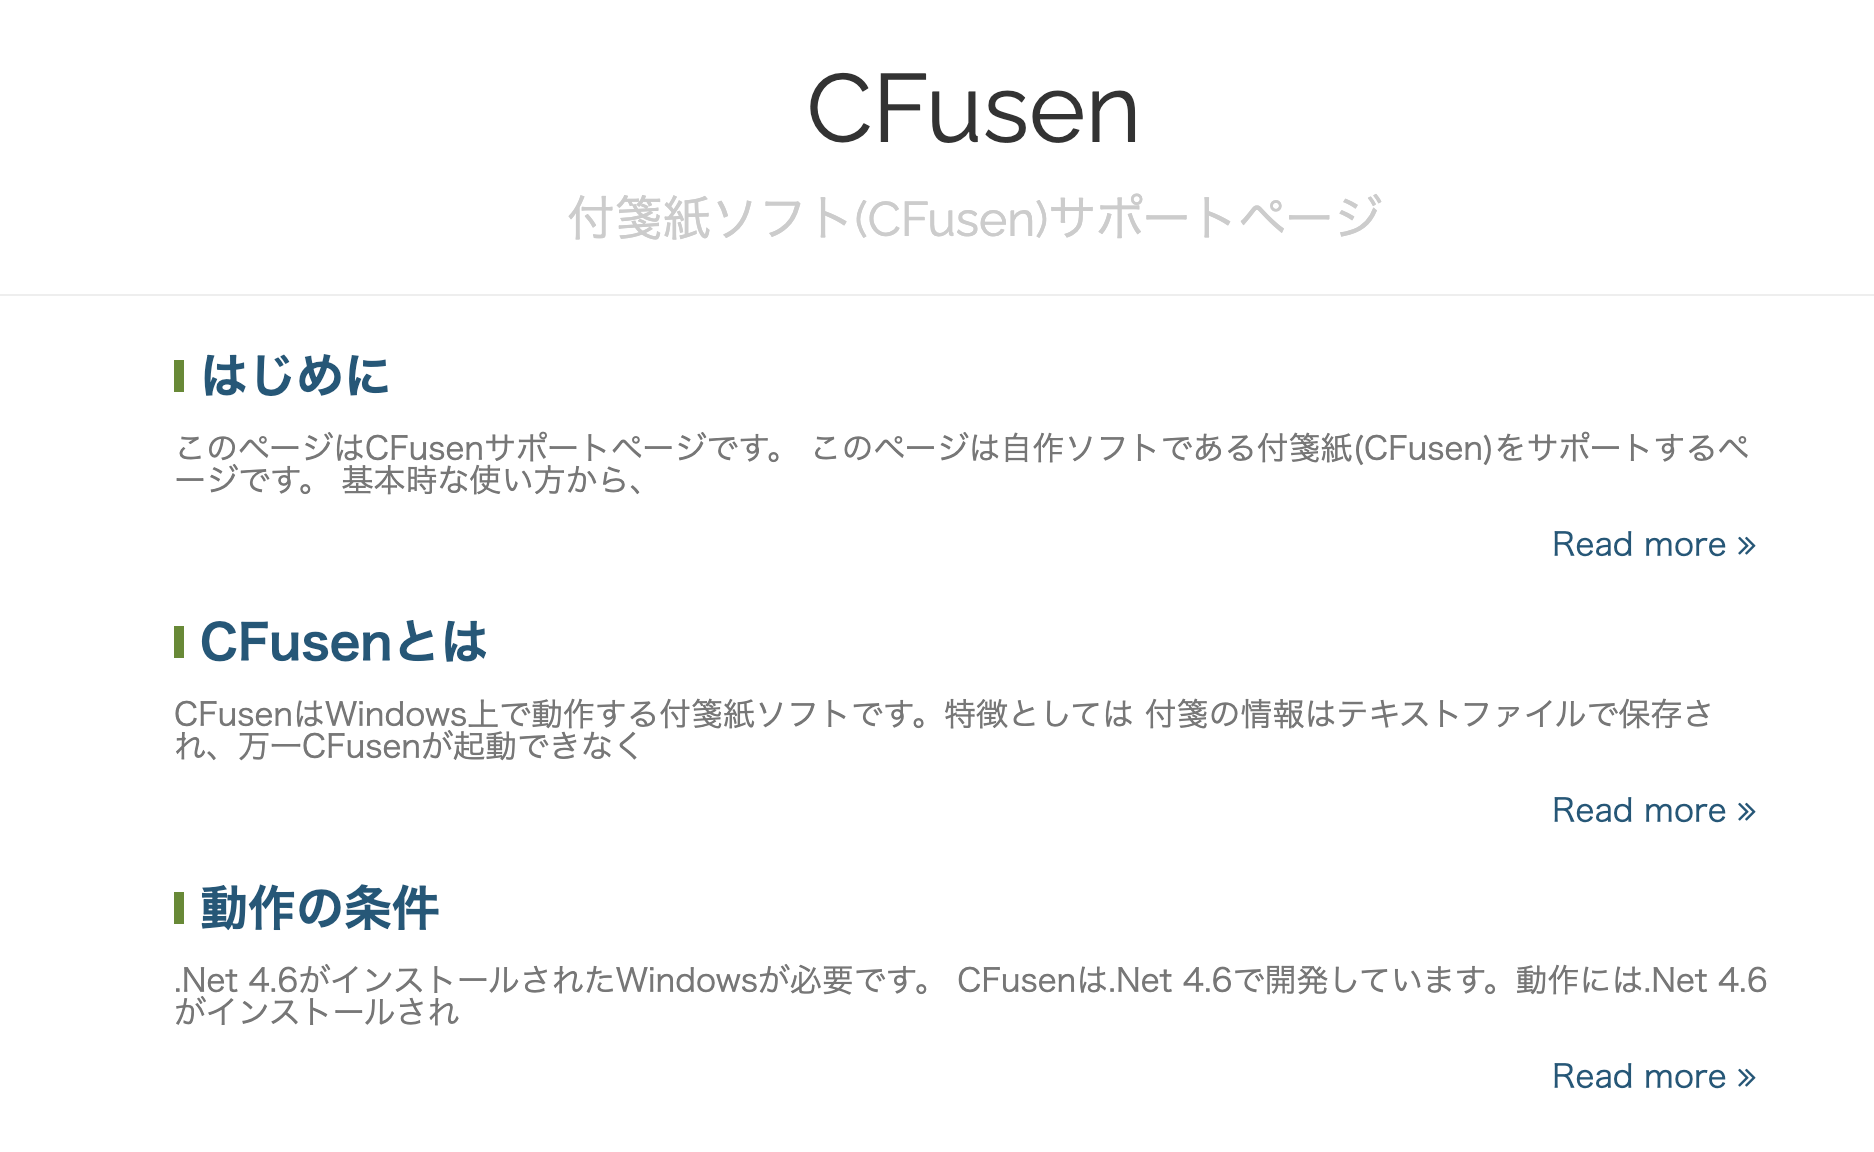 CFusen